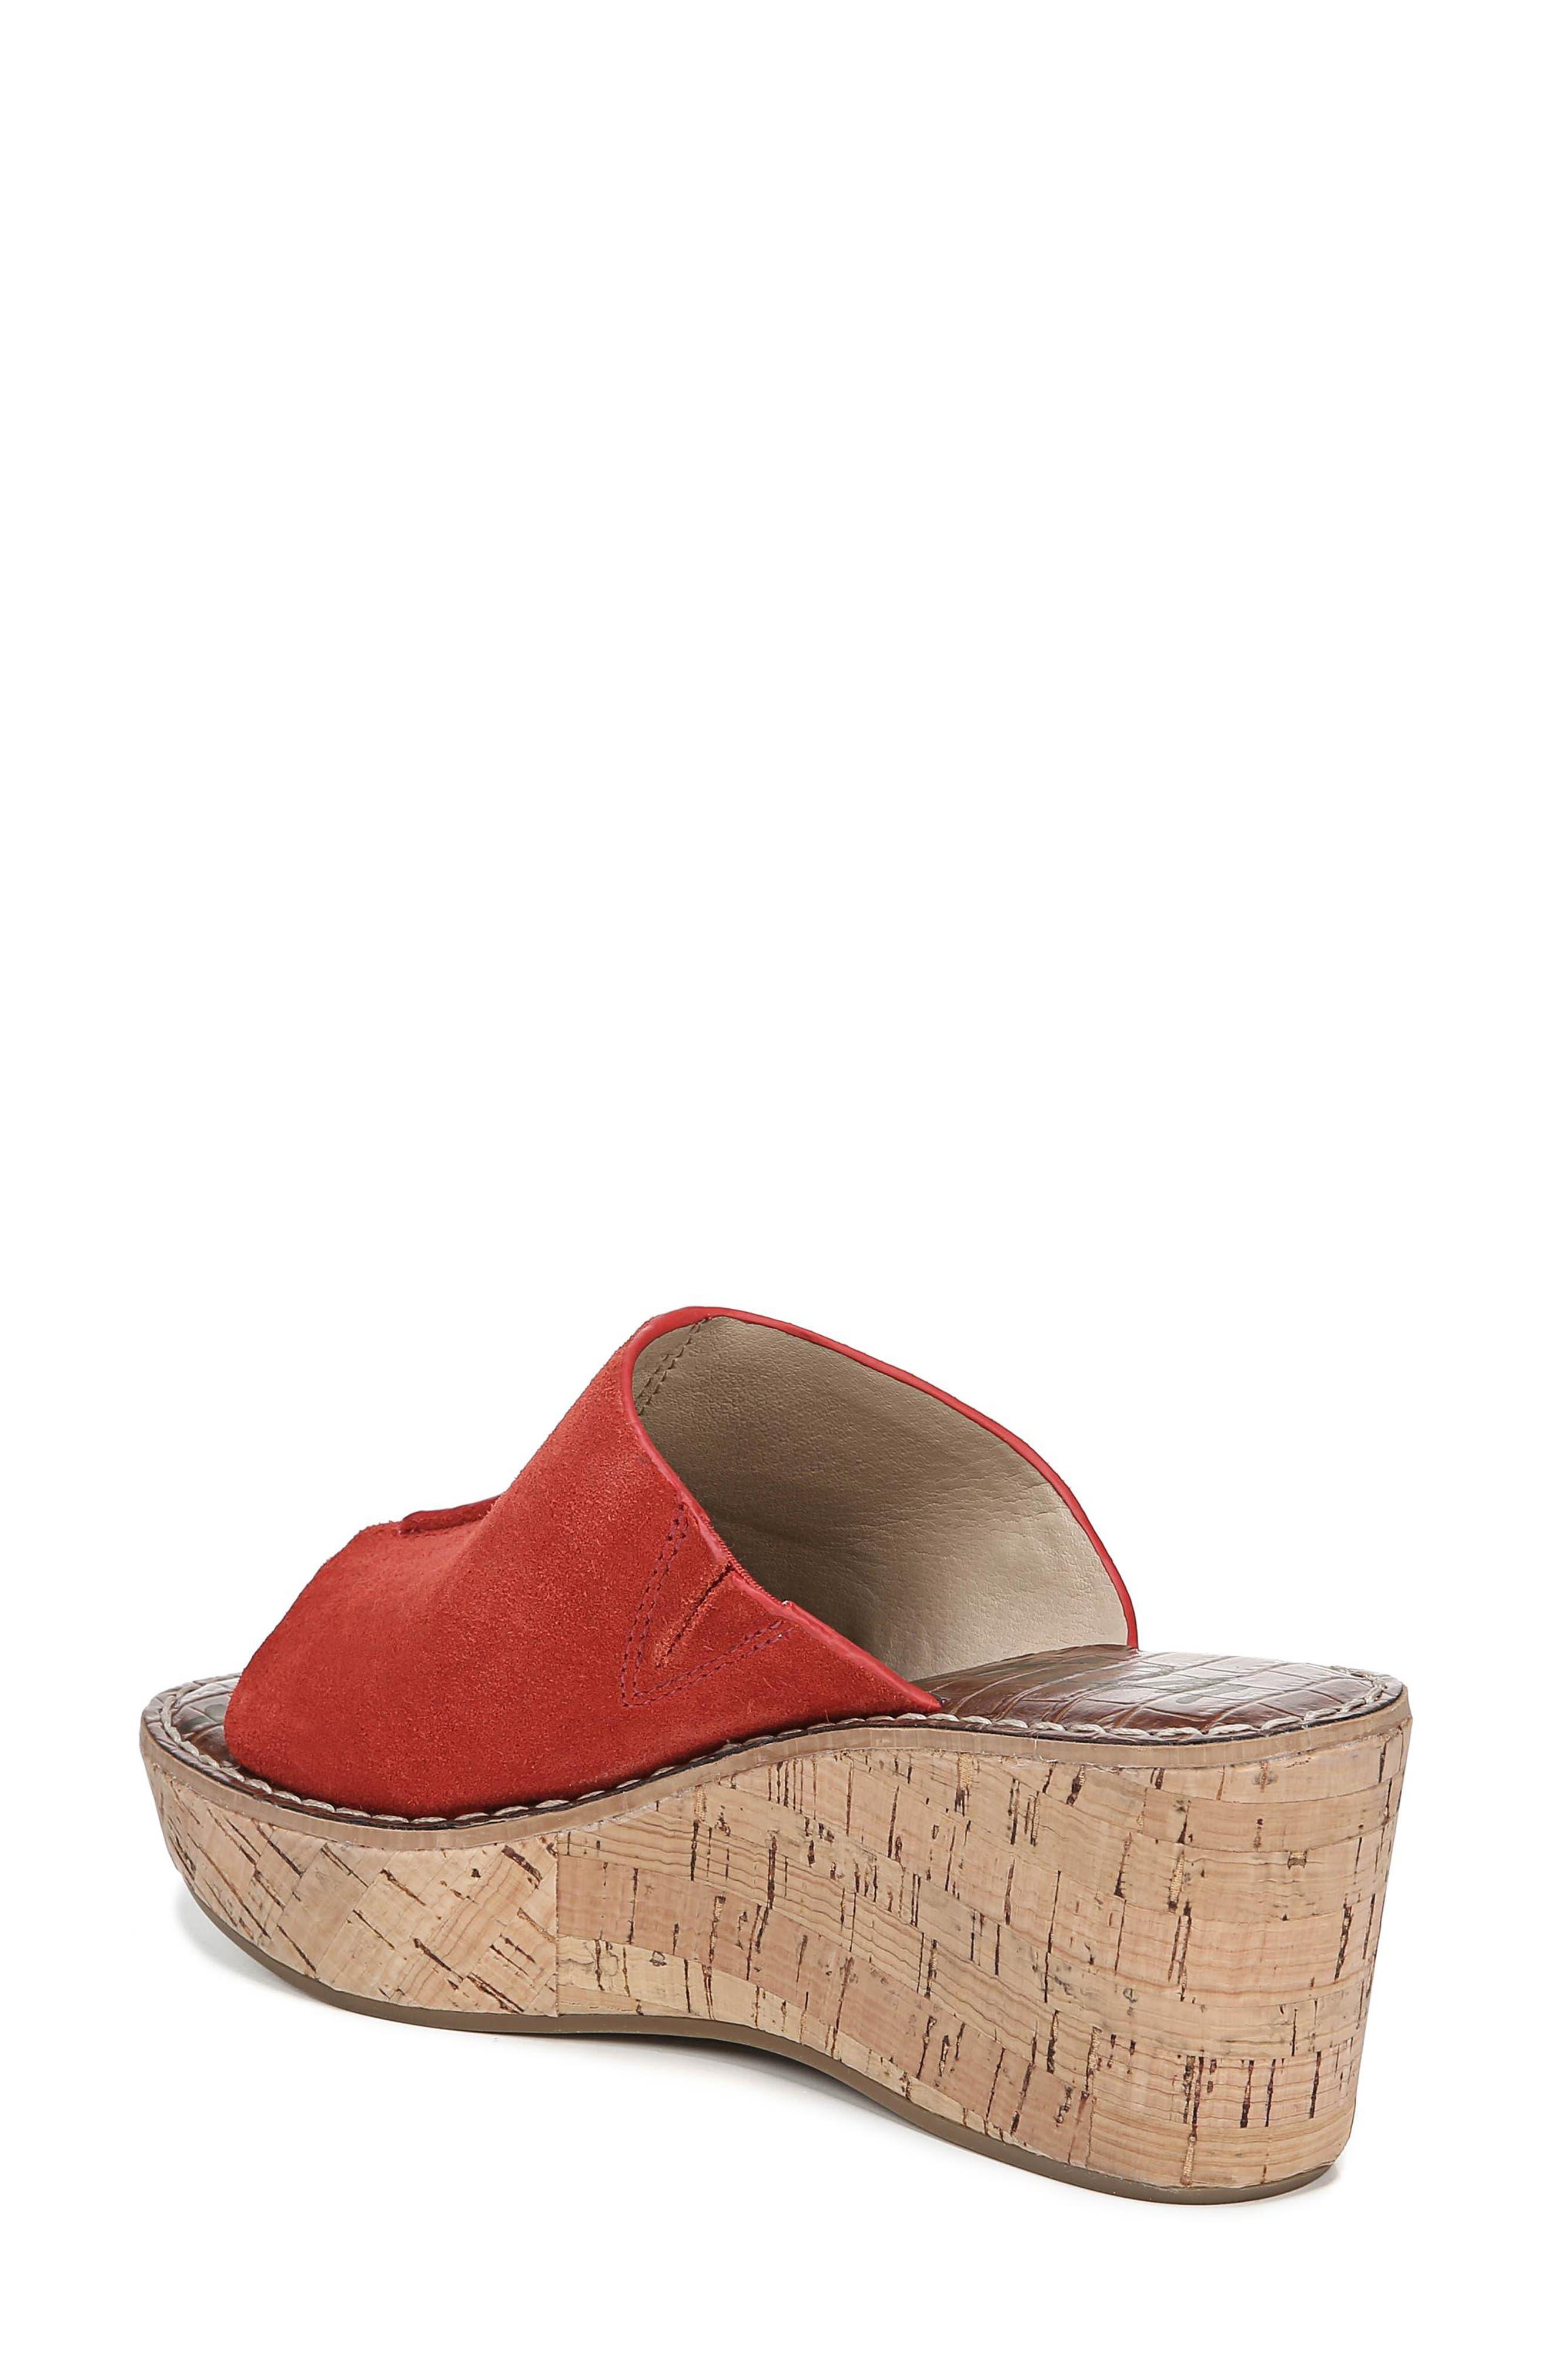 Ranger Platform Sandal,                             Alternate thumbnail 2, color,                             CANDY RED SUEDE